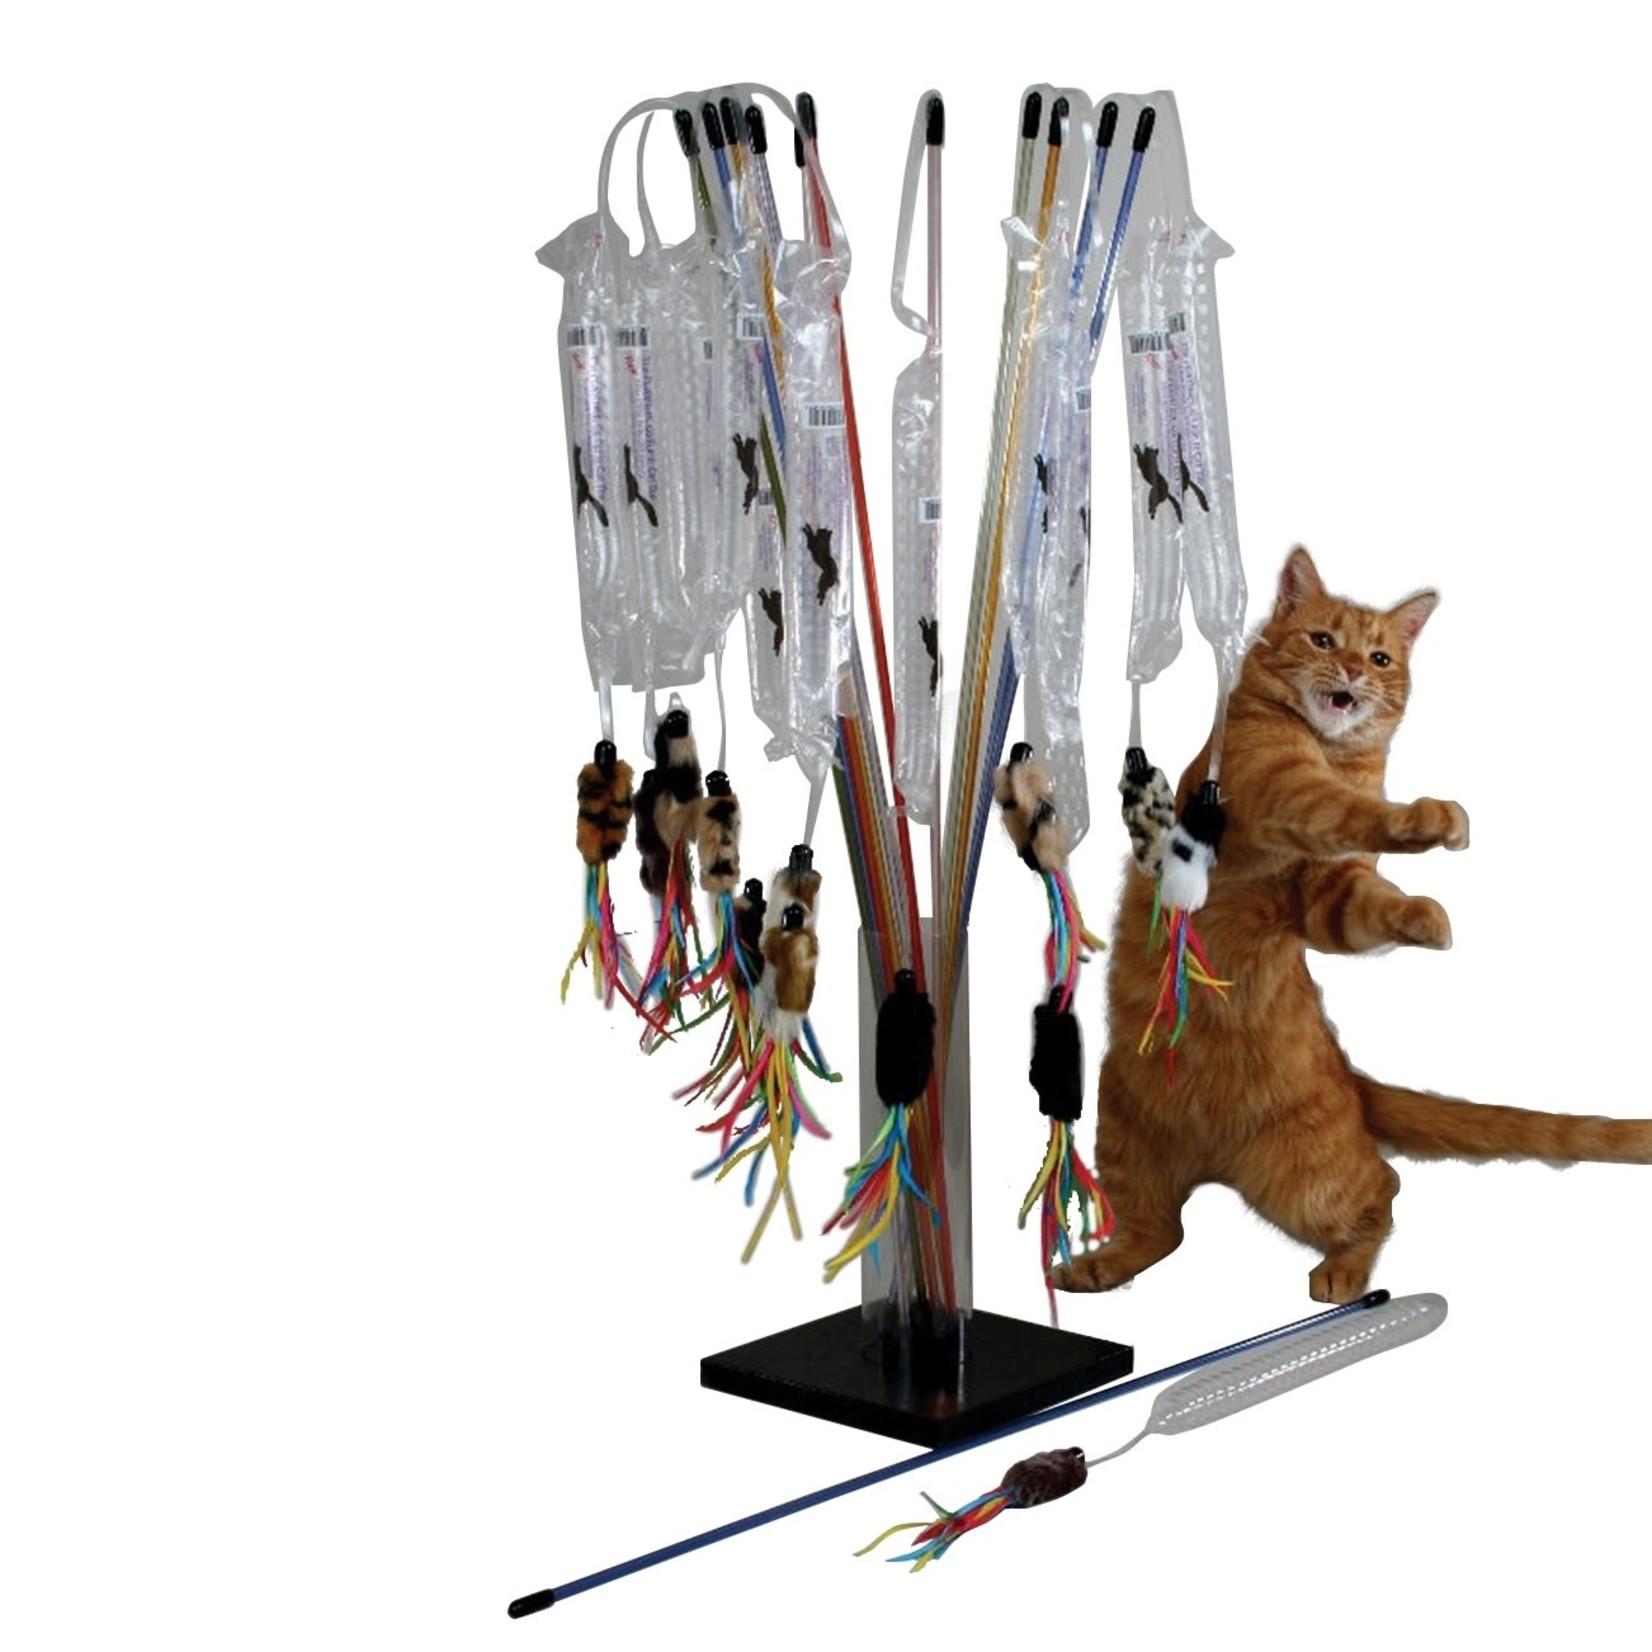 Vee Enterprises PURRfect Go-Fur-It Cat Wand Toy